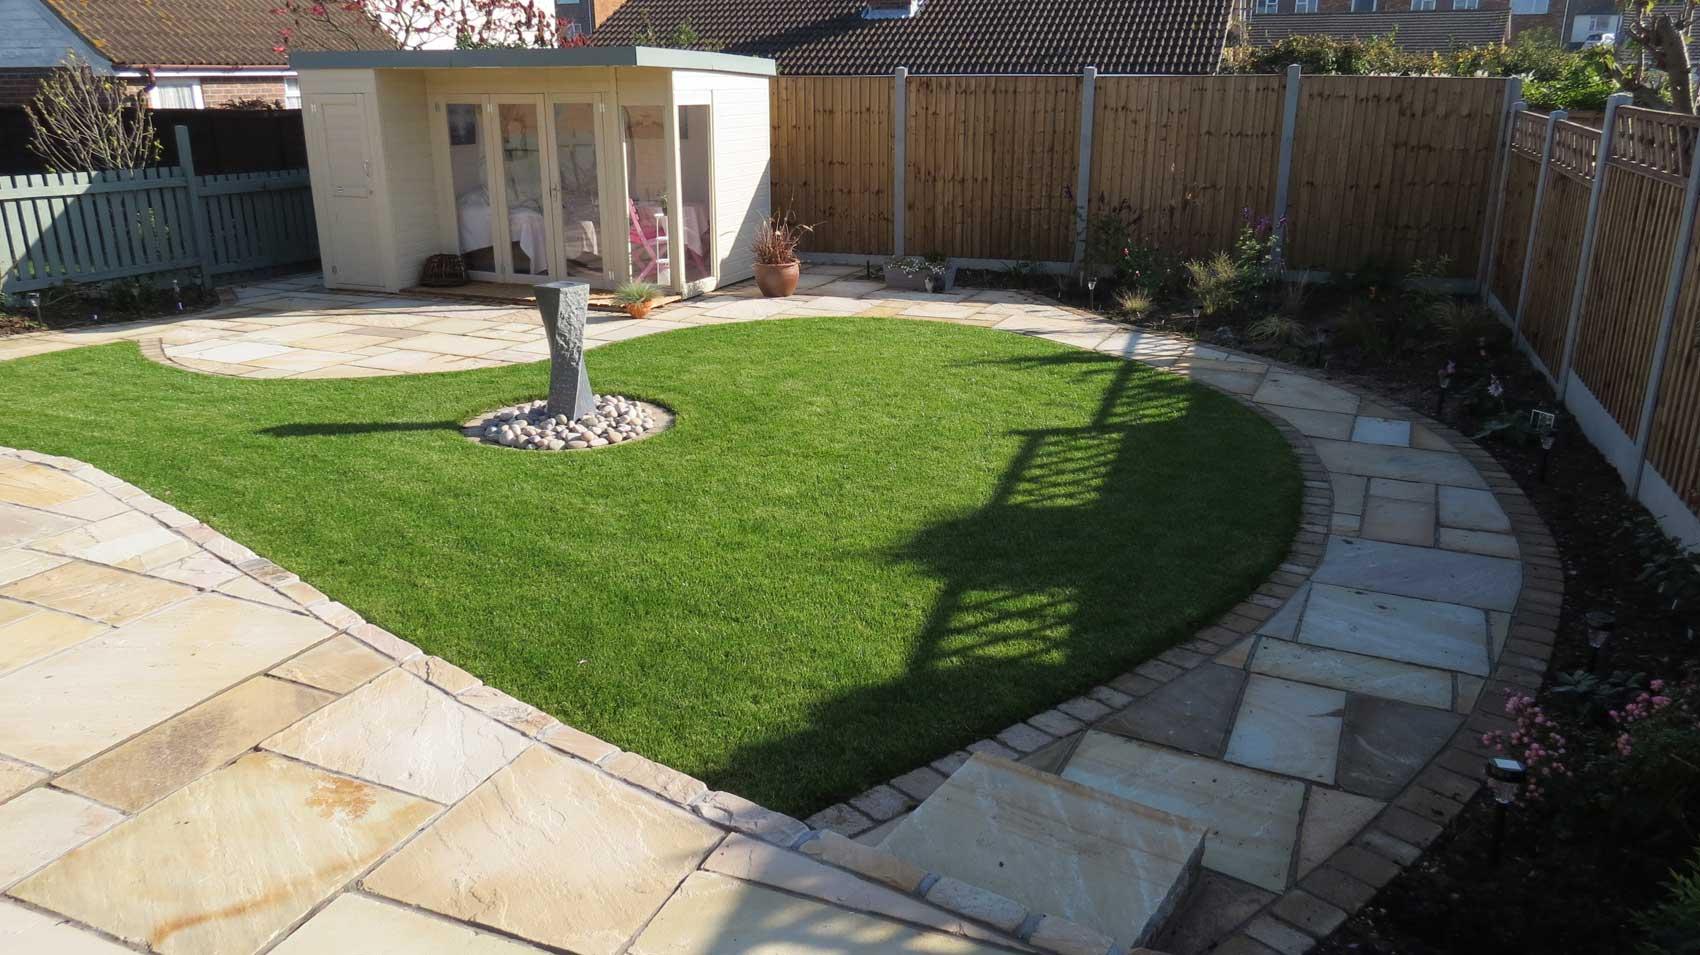 Landscape and garden design vennells landscapes for Garden design jobs essex